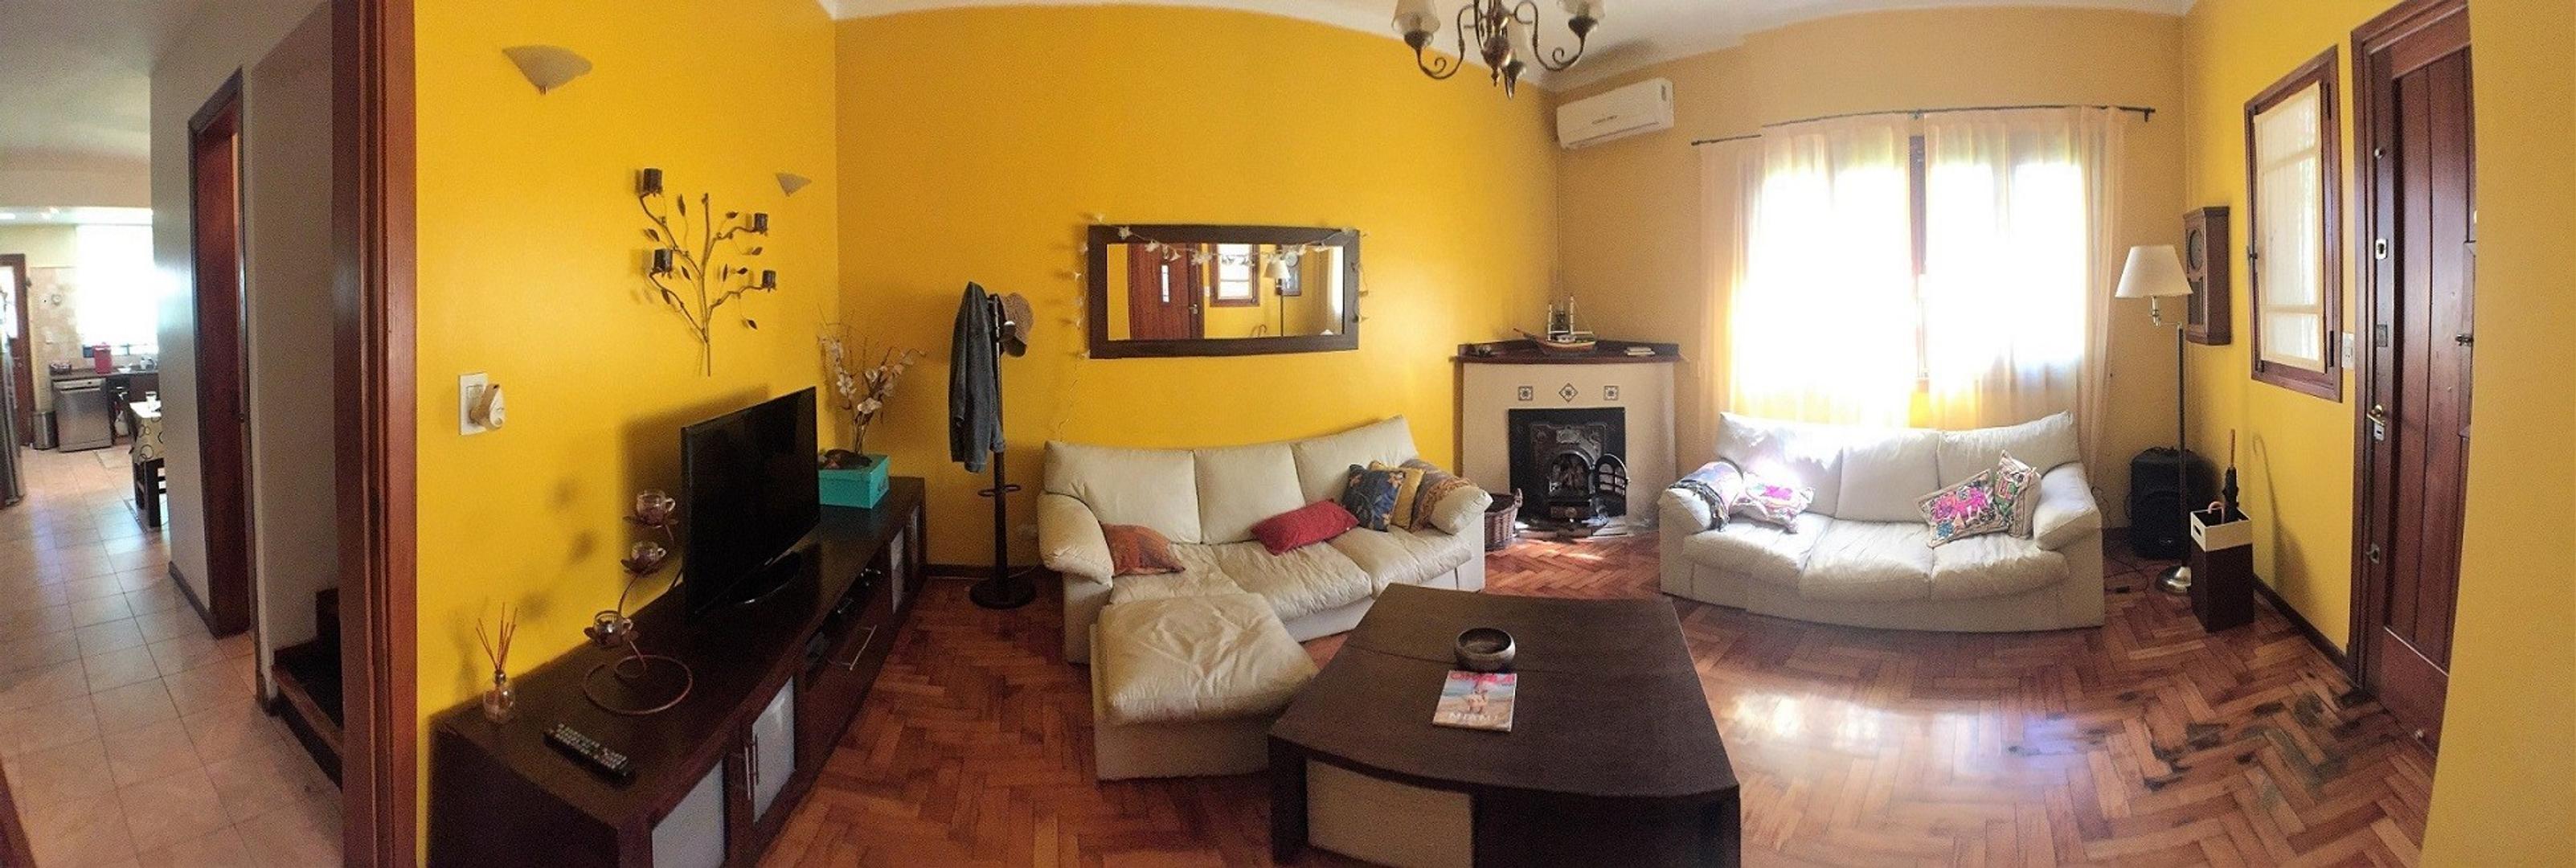 Casa - Venta - Argentina, VICENTE LÓPEZ - D.F. Sarmiento 2900